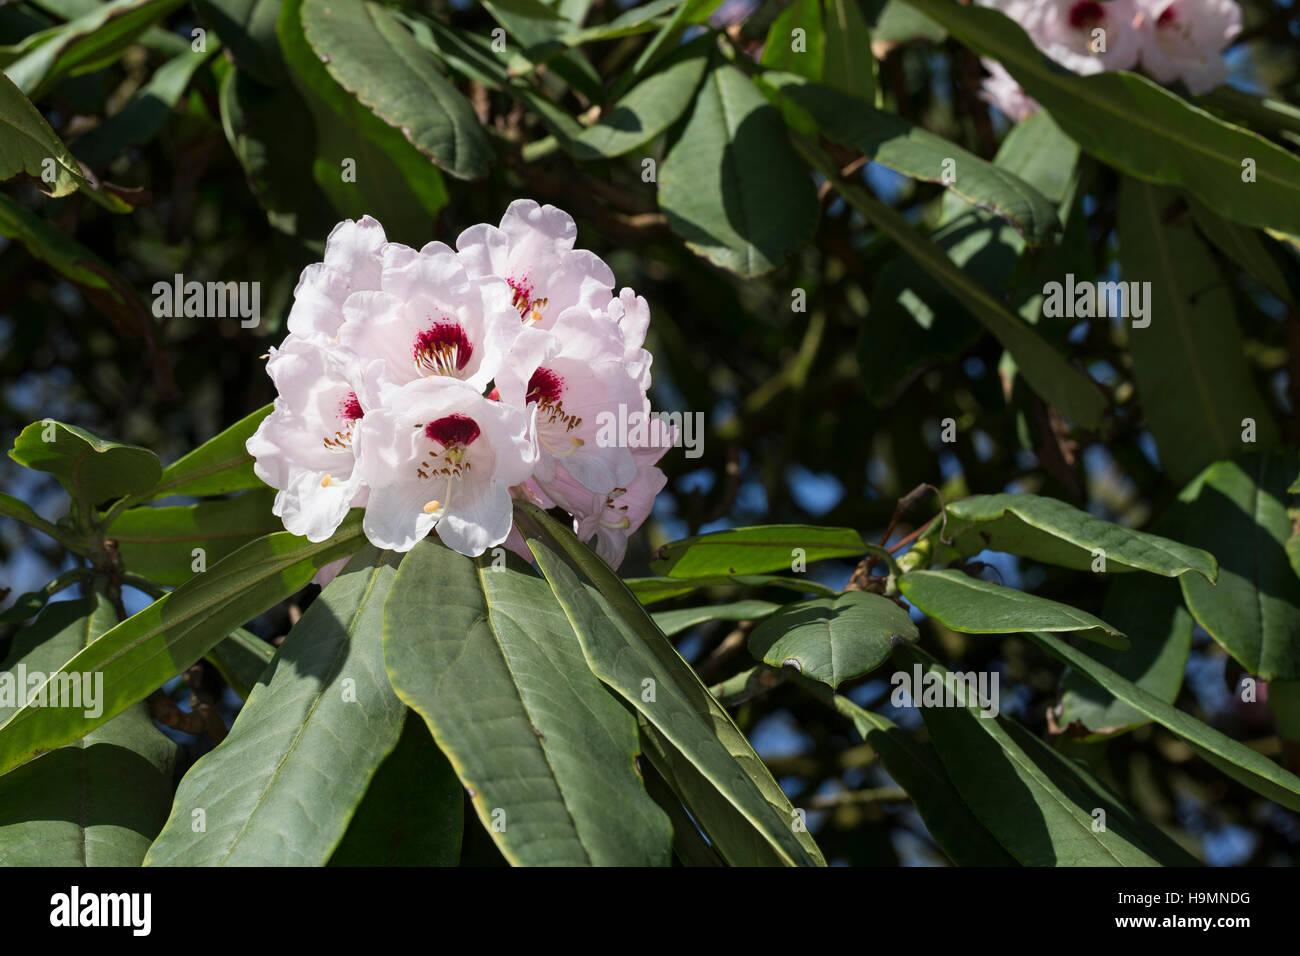 Schöner Rhododendron, Schönes Rhododendron, Rhododendron, Rhododendron Wildart, Rhododendron calophytum, - Stock Image